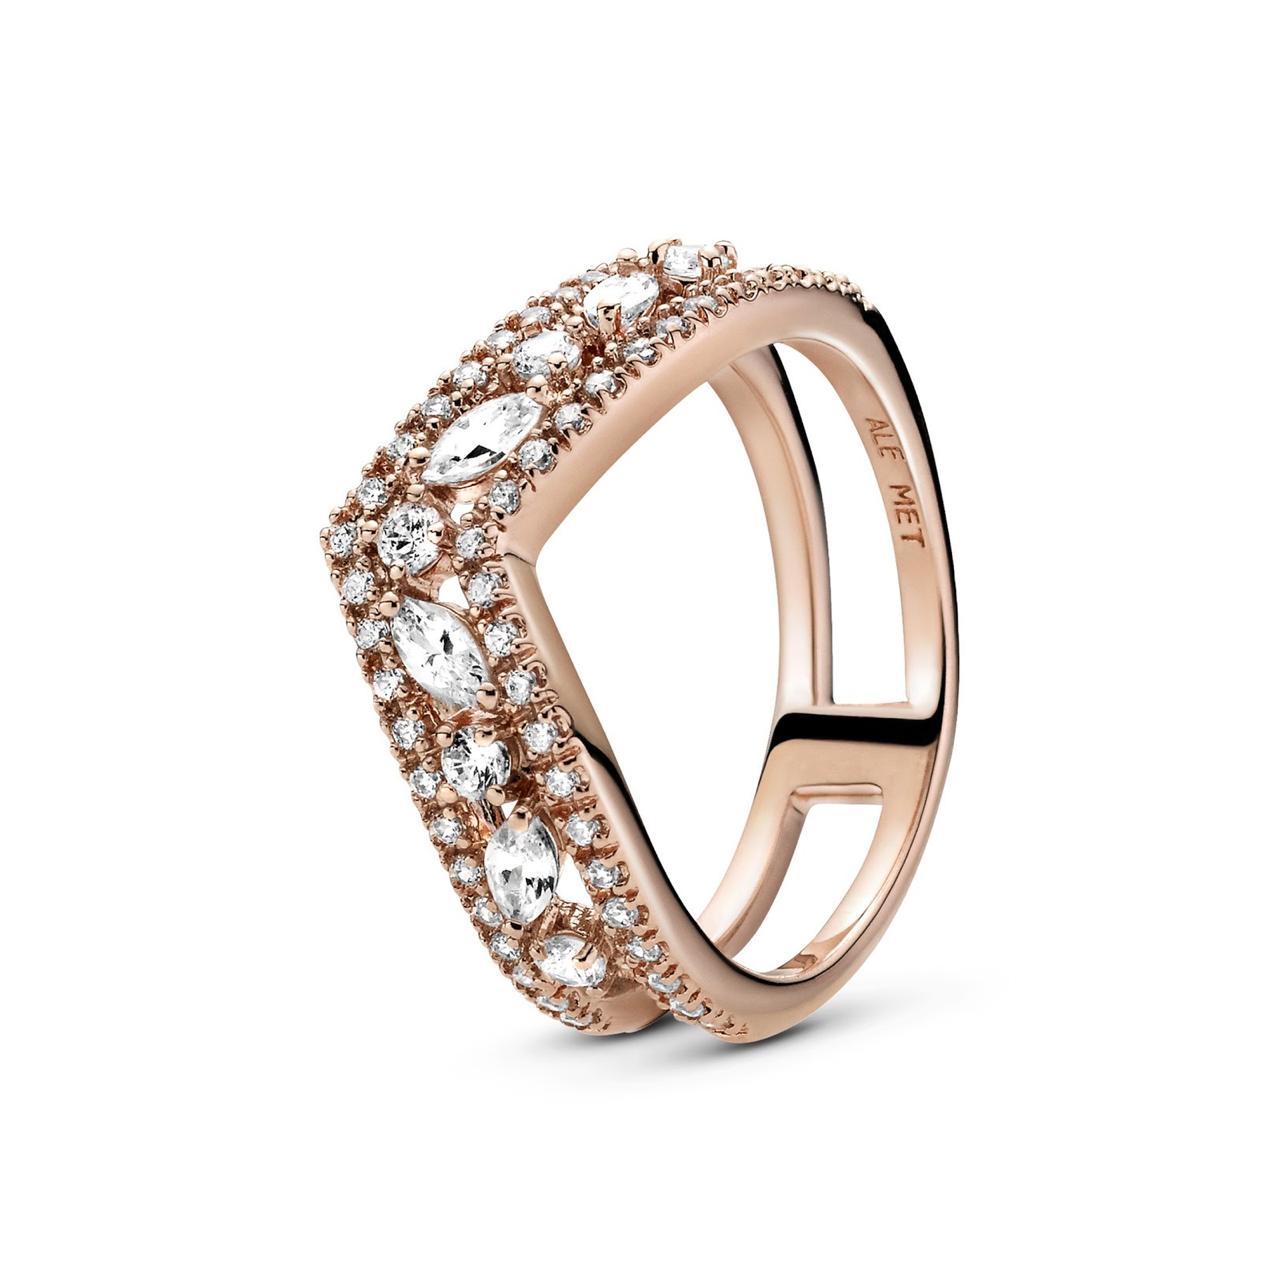 Идея для подарка: браслеты, кольца и подвески в осенней коллекции Pandora